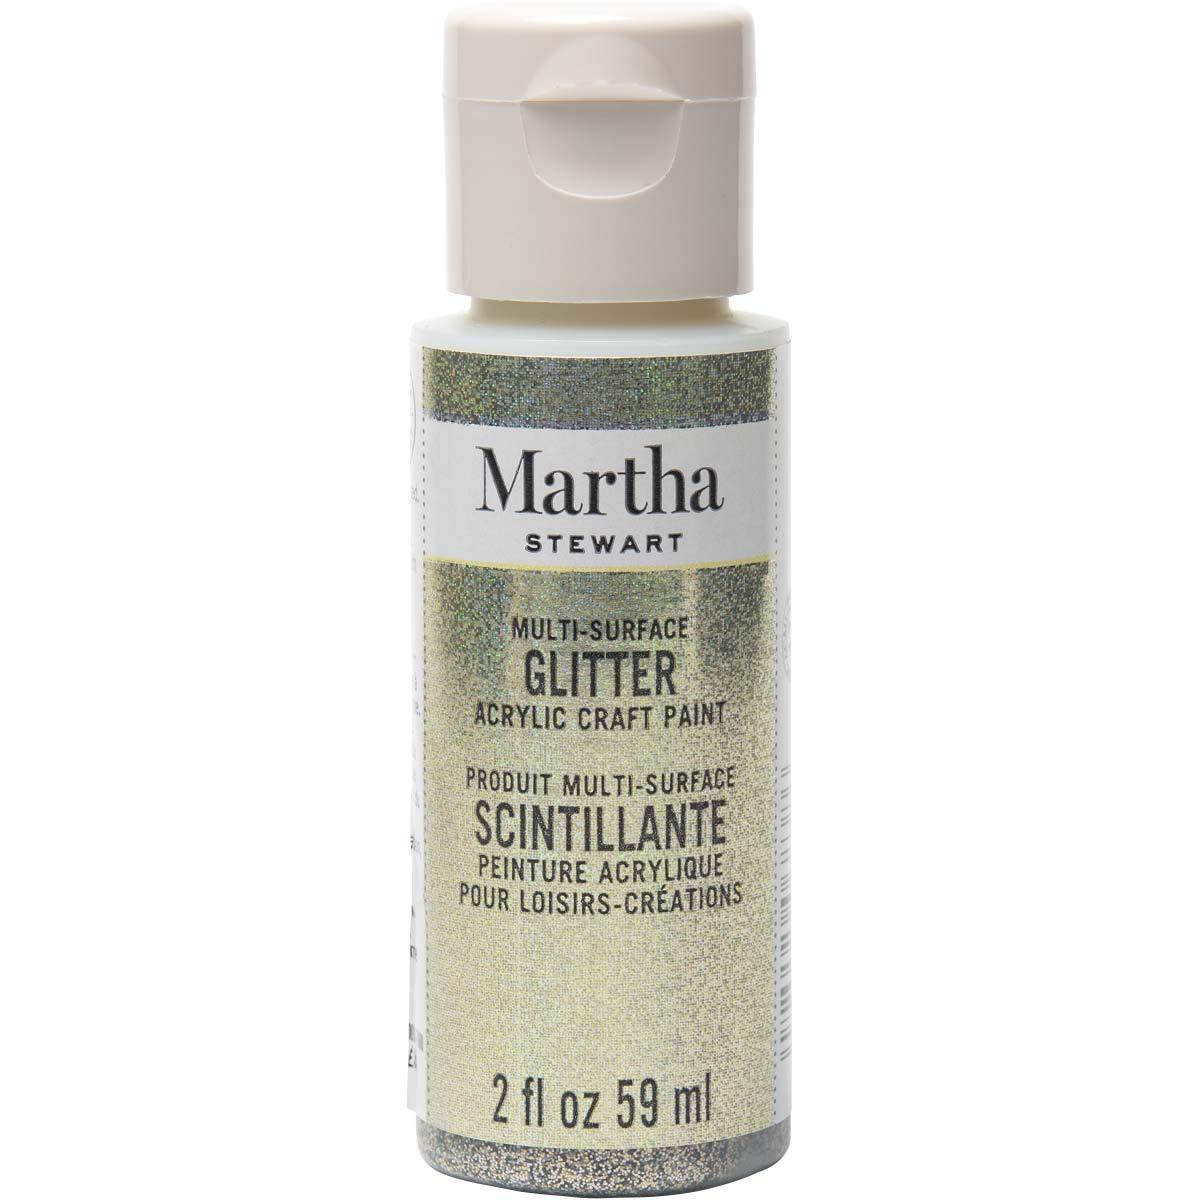 Martha Stewart Crafts Multi-Surface Glitter Craft Antique Silver, 2 oz Paint